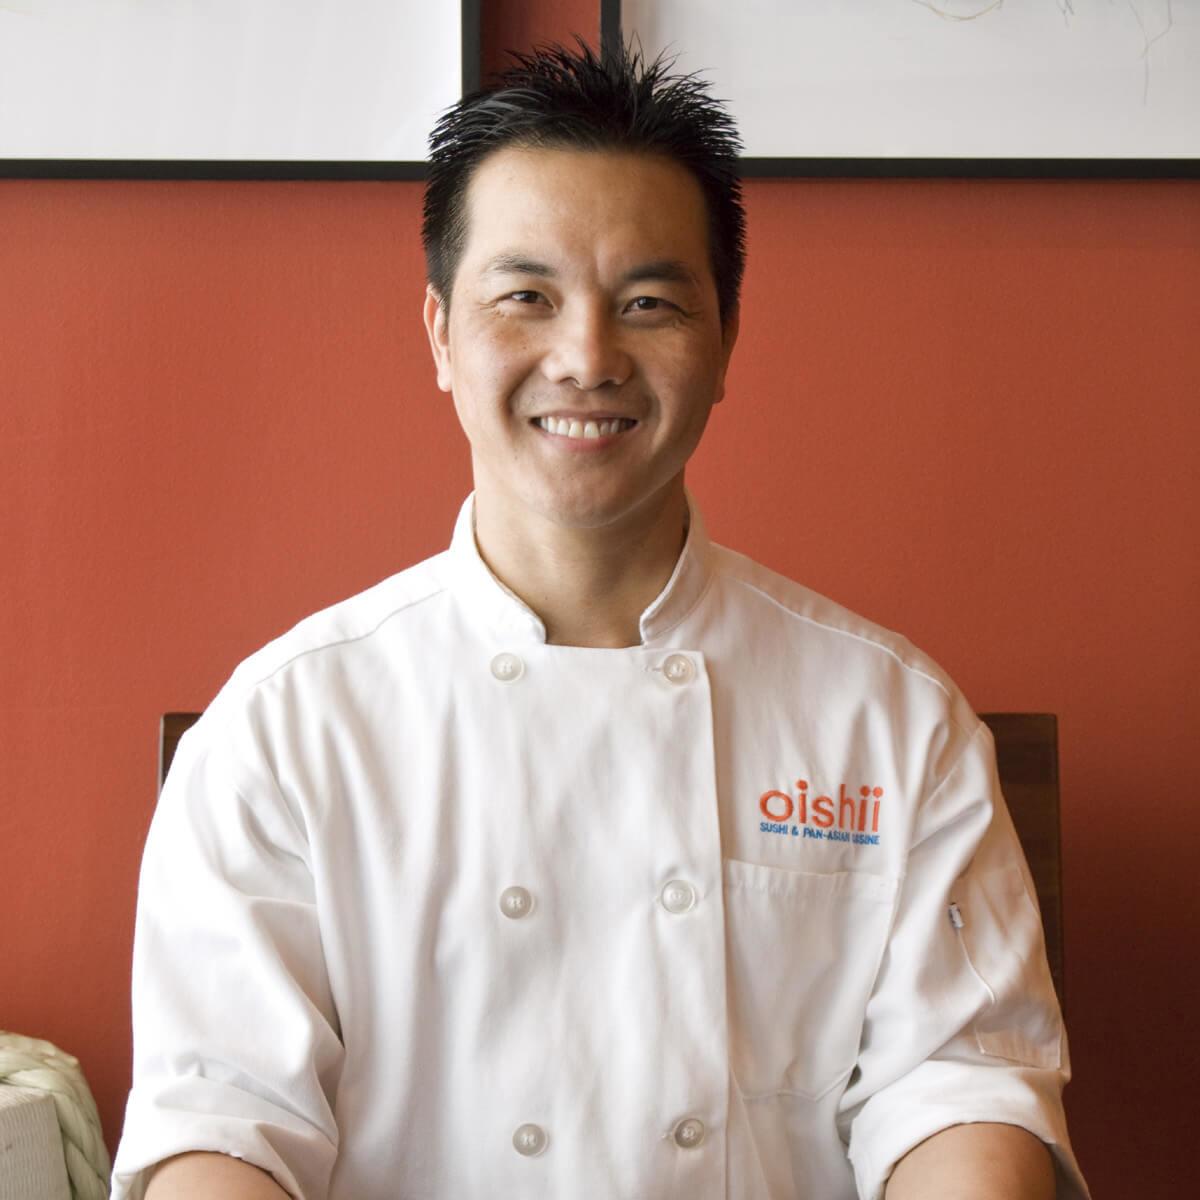 Oishii sushi, Dallas